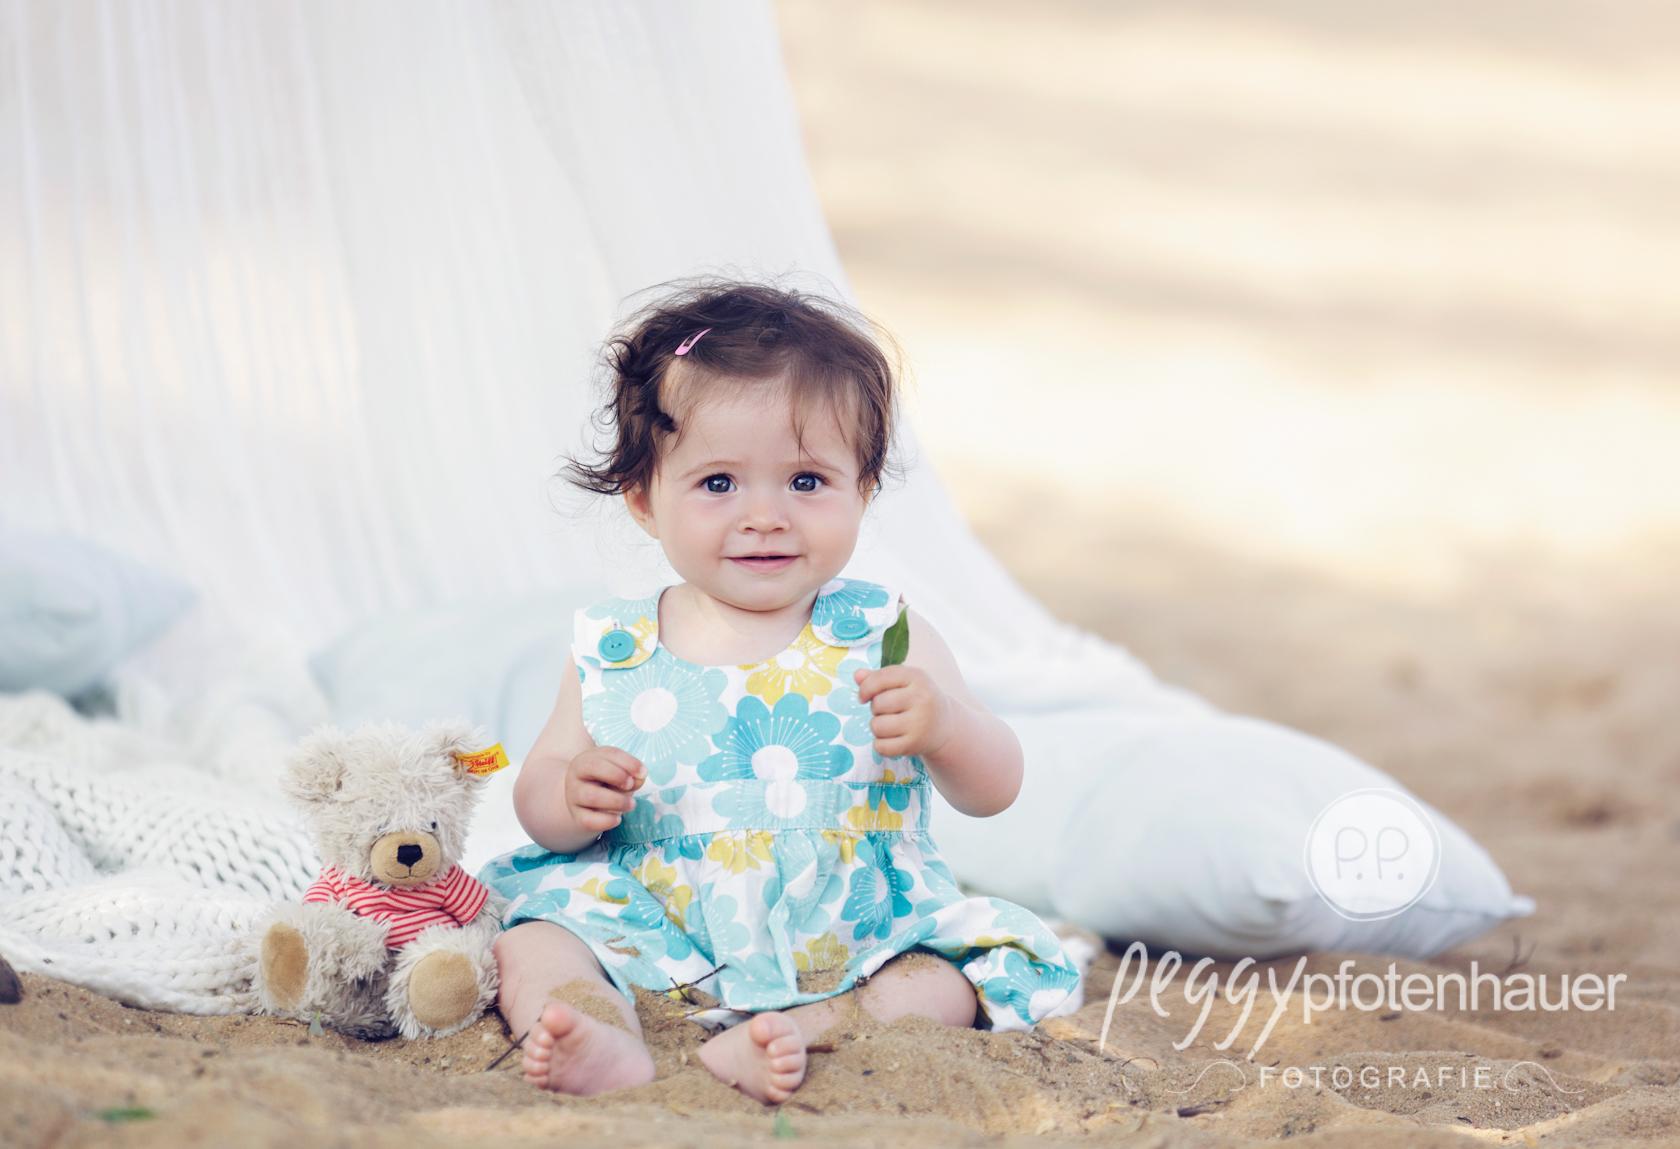 Babyfotos Coburg Peggy Pfotenhauer Fotografie